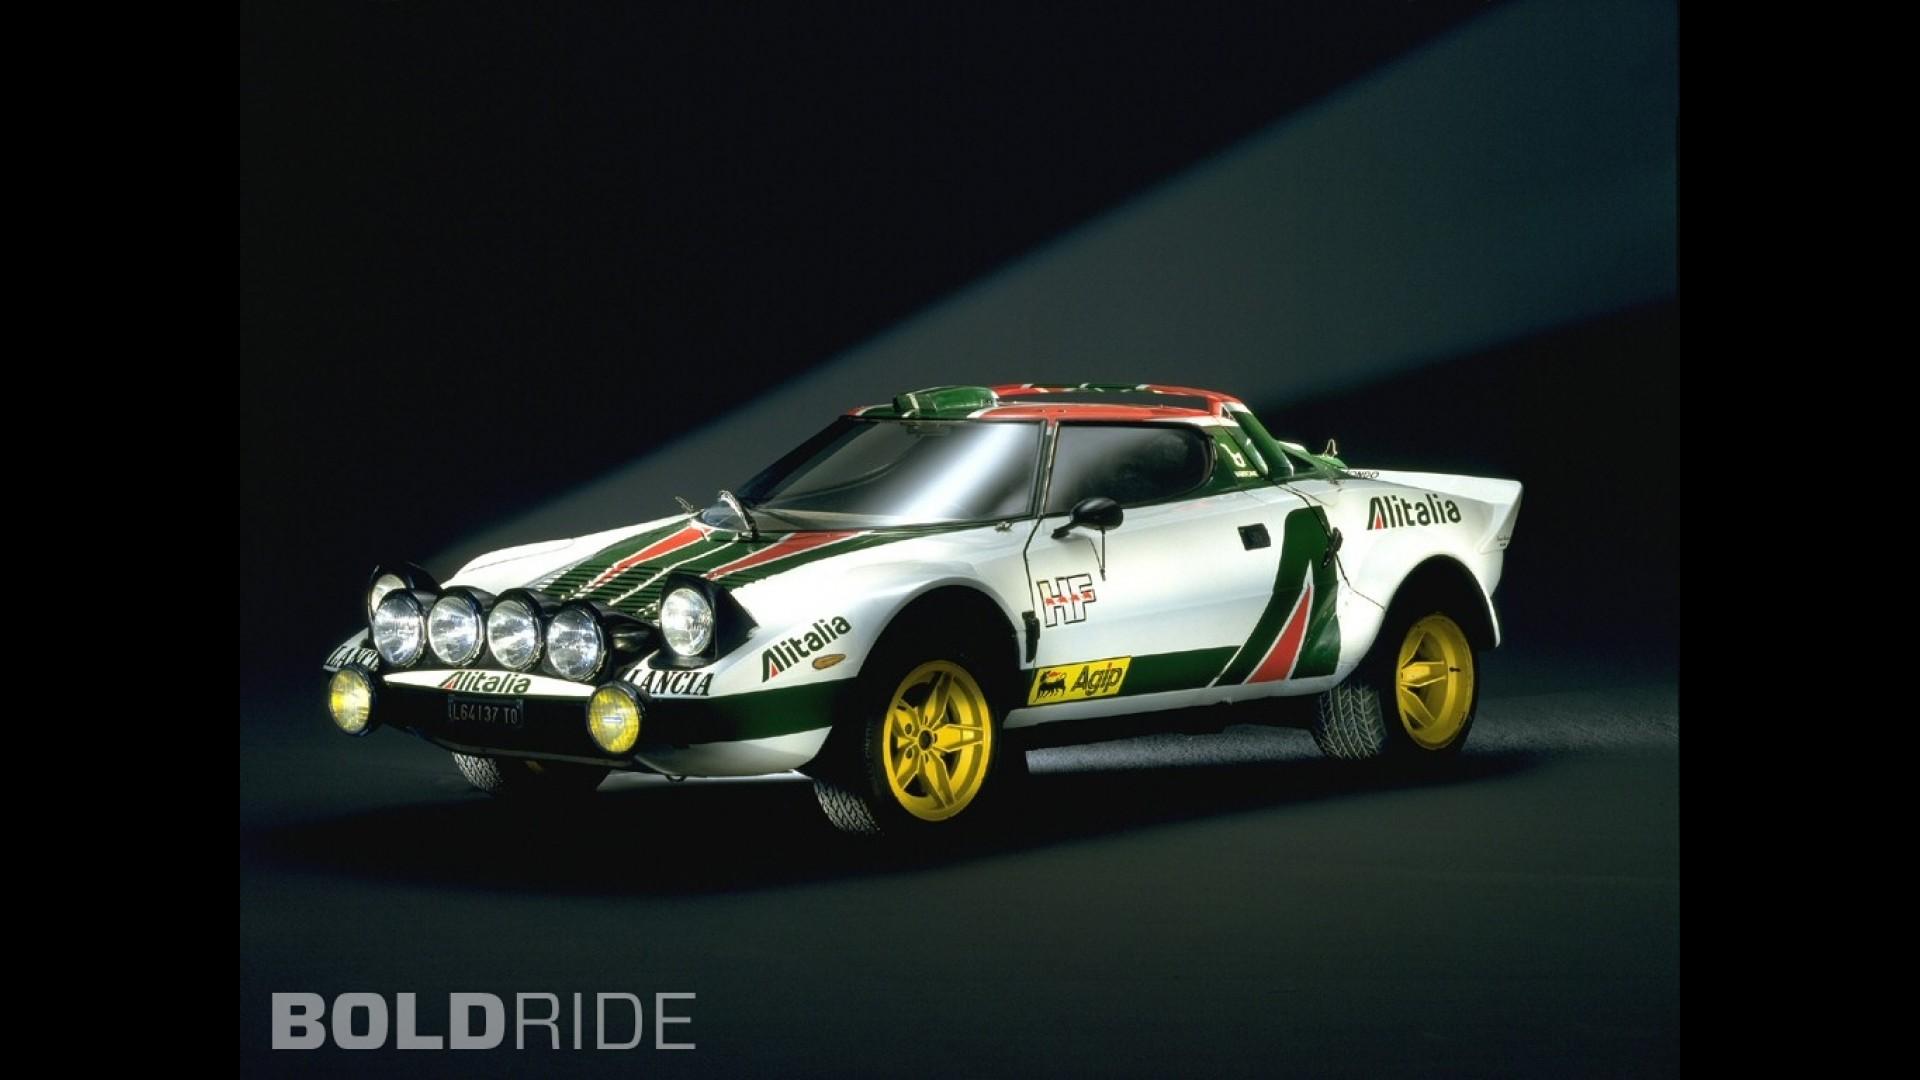 Lancia stratos rally group 4 lancia stratos rally group 4 product 2010 12 09 035215 vanachro Images